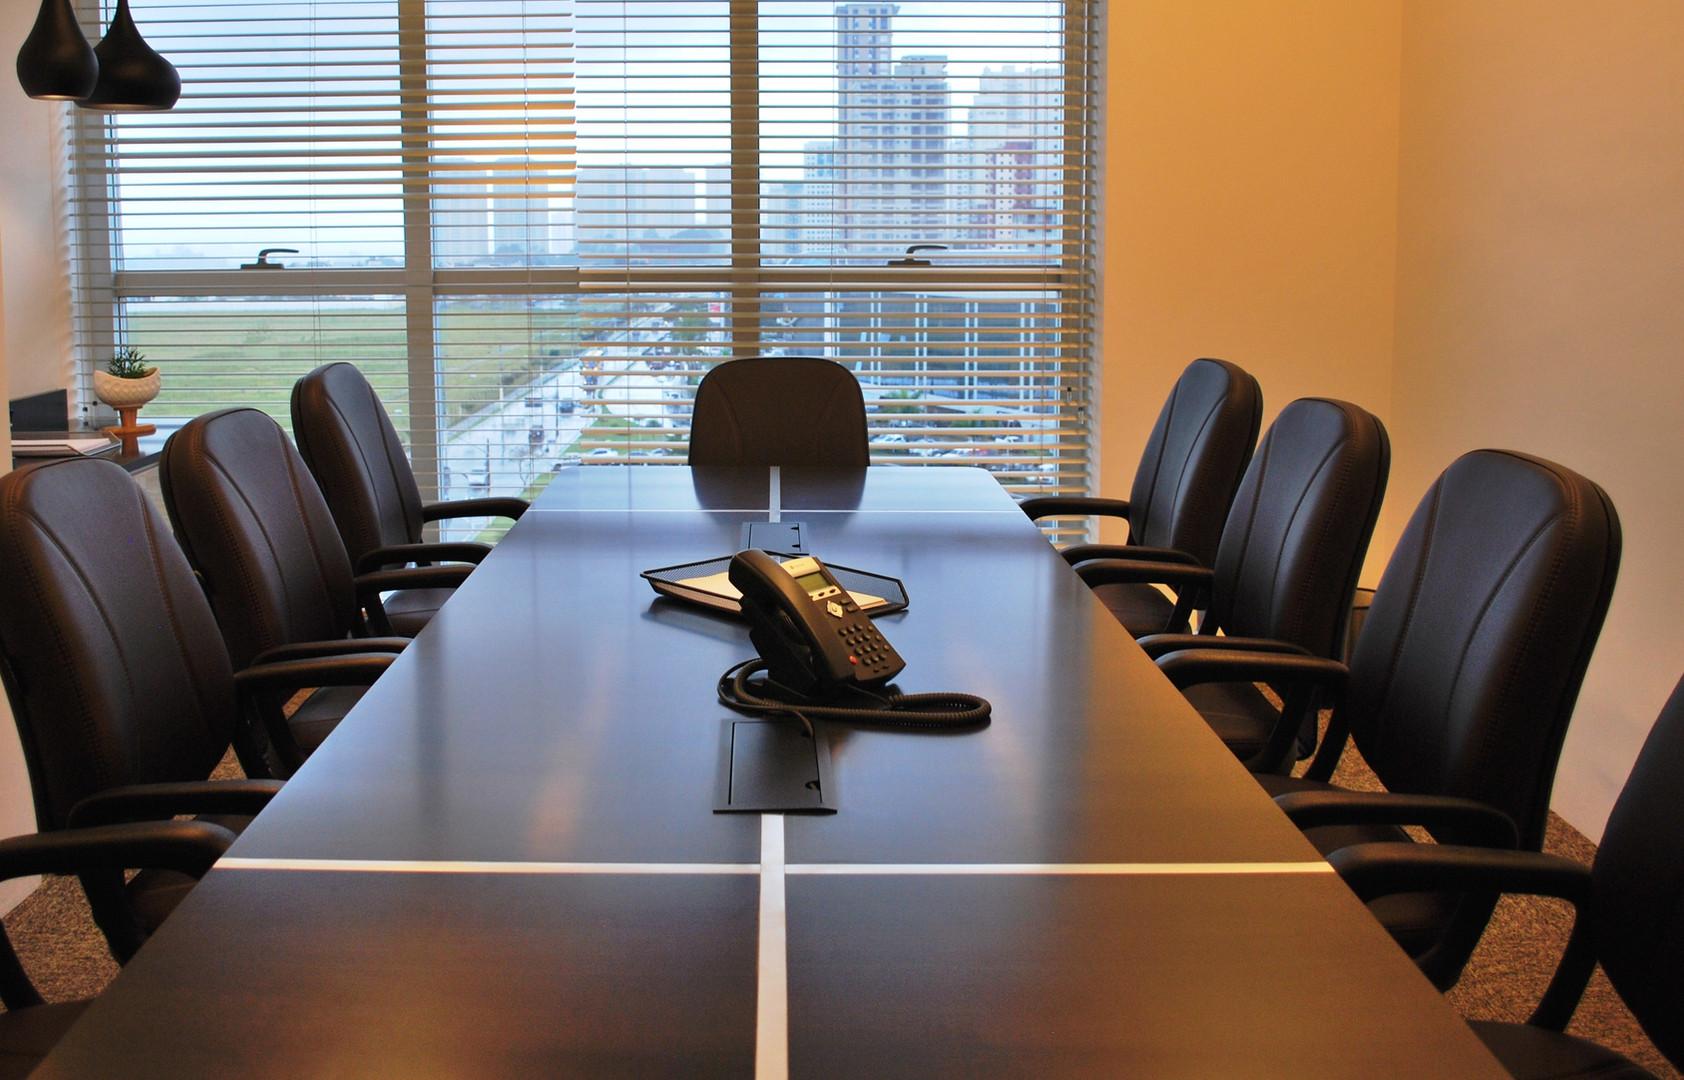 Sala de reunião (8 pessoas) / Meeting room (8 people)